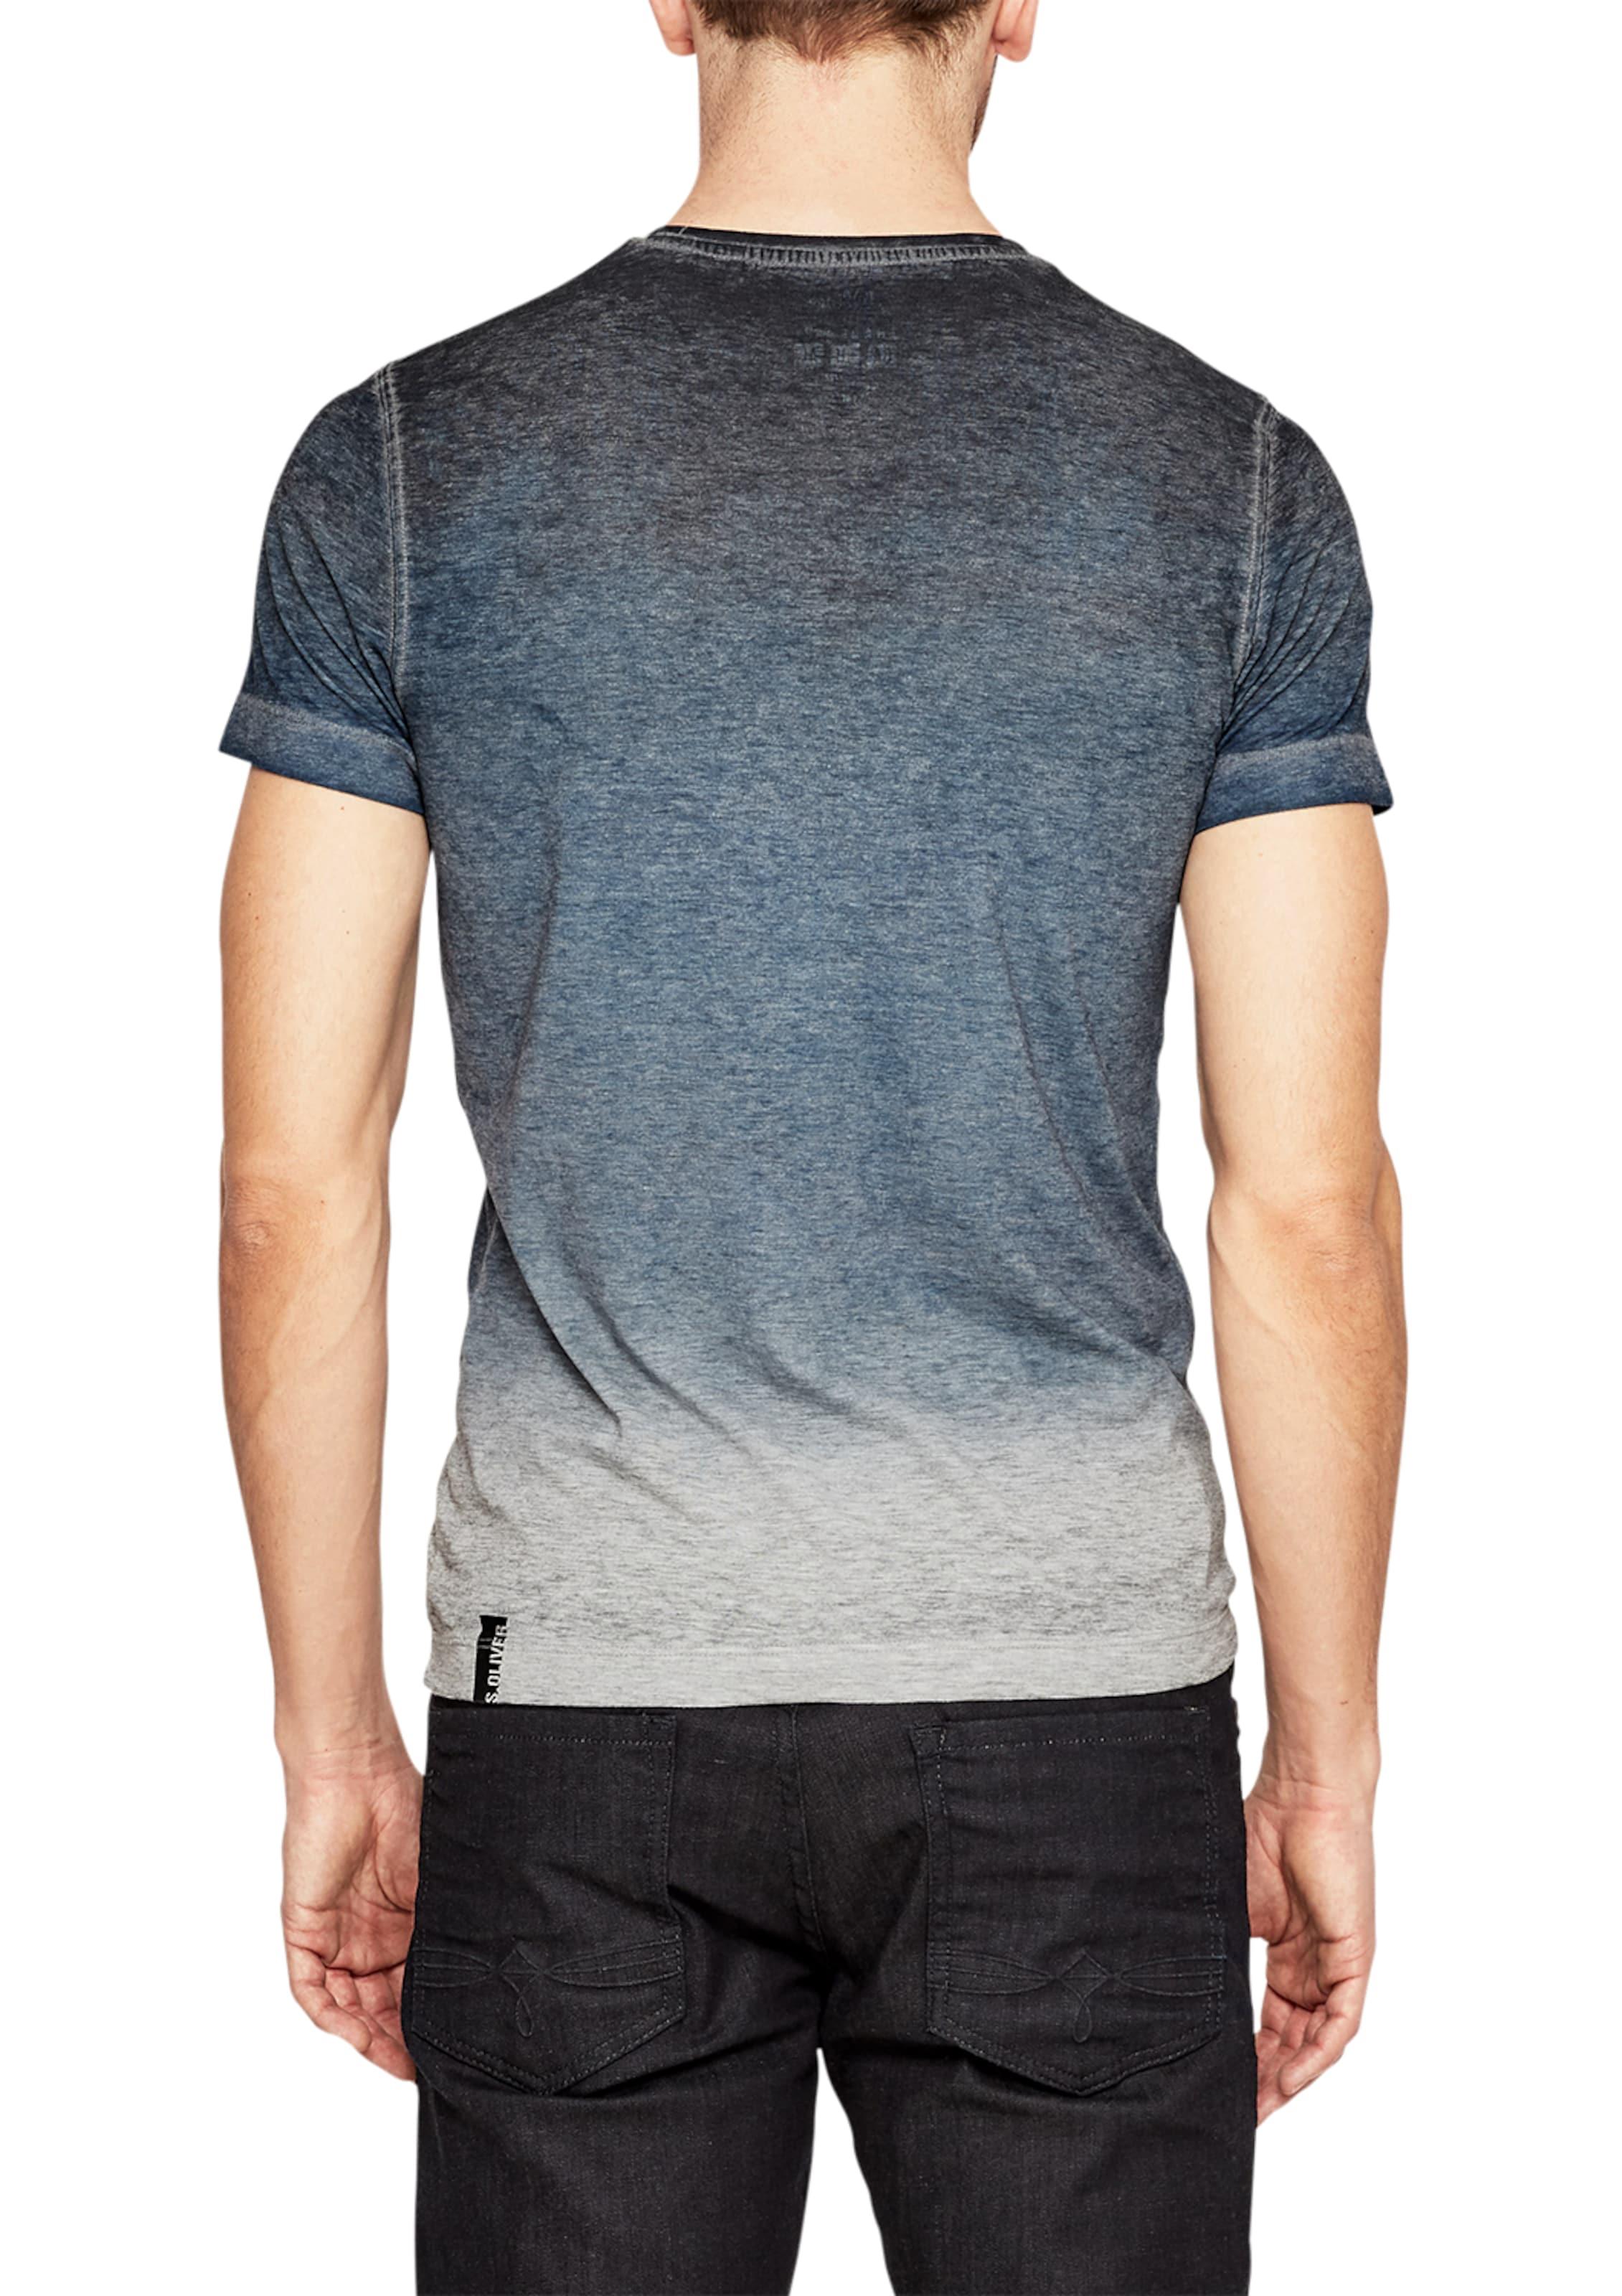 s.Oliver RED LABEL Jerseyshirt im Vintage-Look Heiß nu9fBWeb